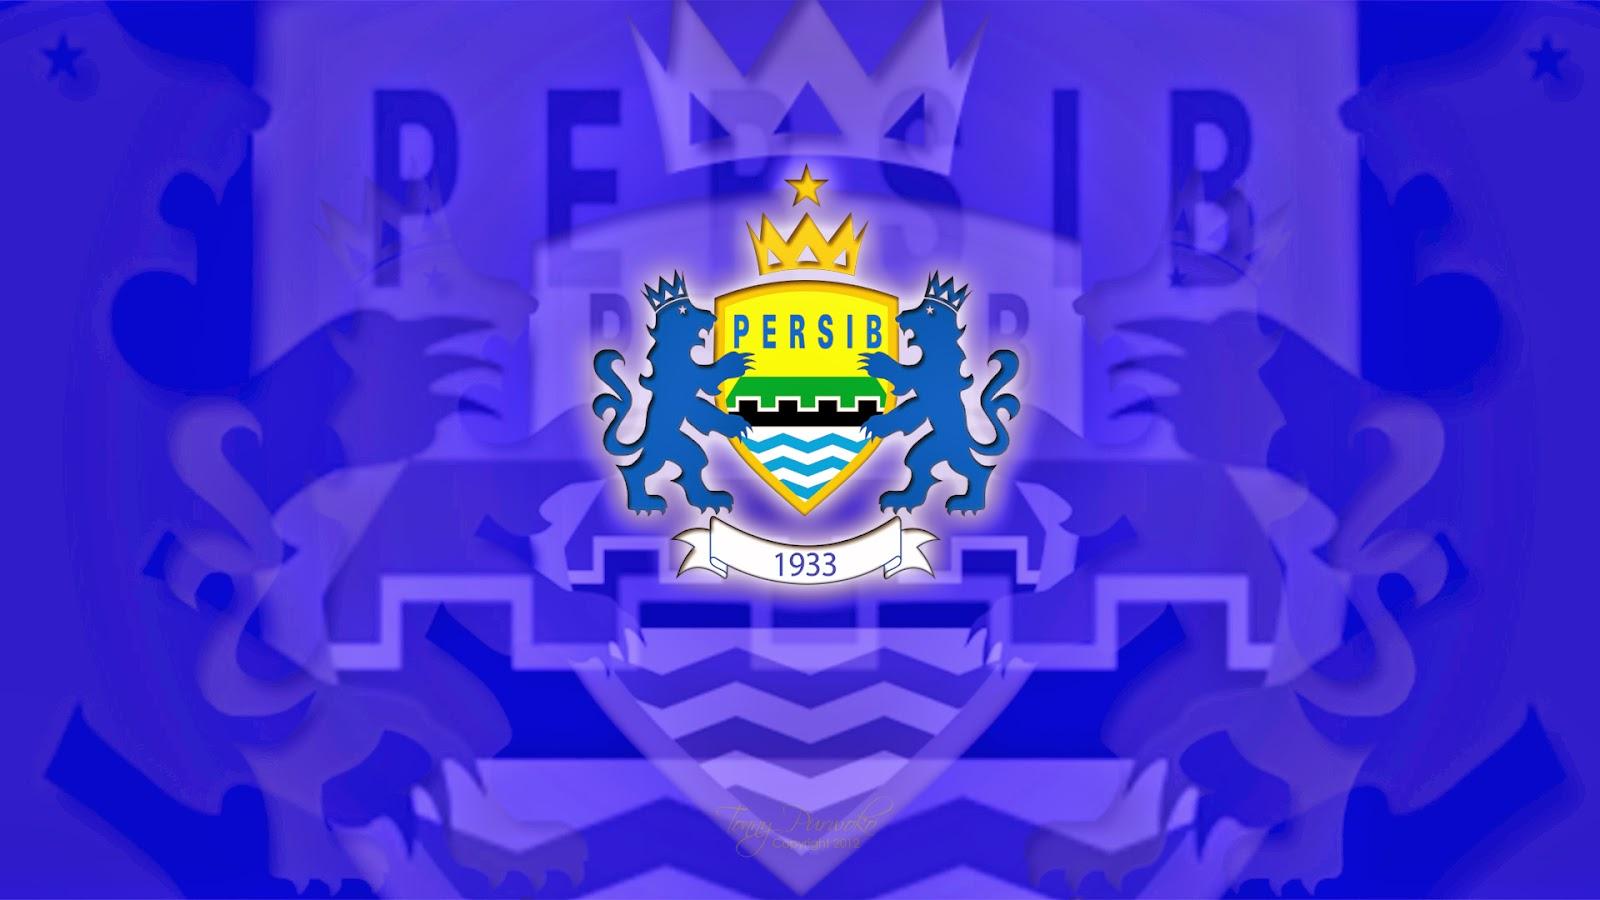 Tema Persib Bandung 2013 Theme Pack Windows 7 And 8 13 July 2013